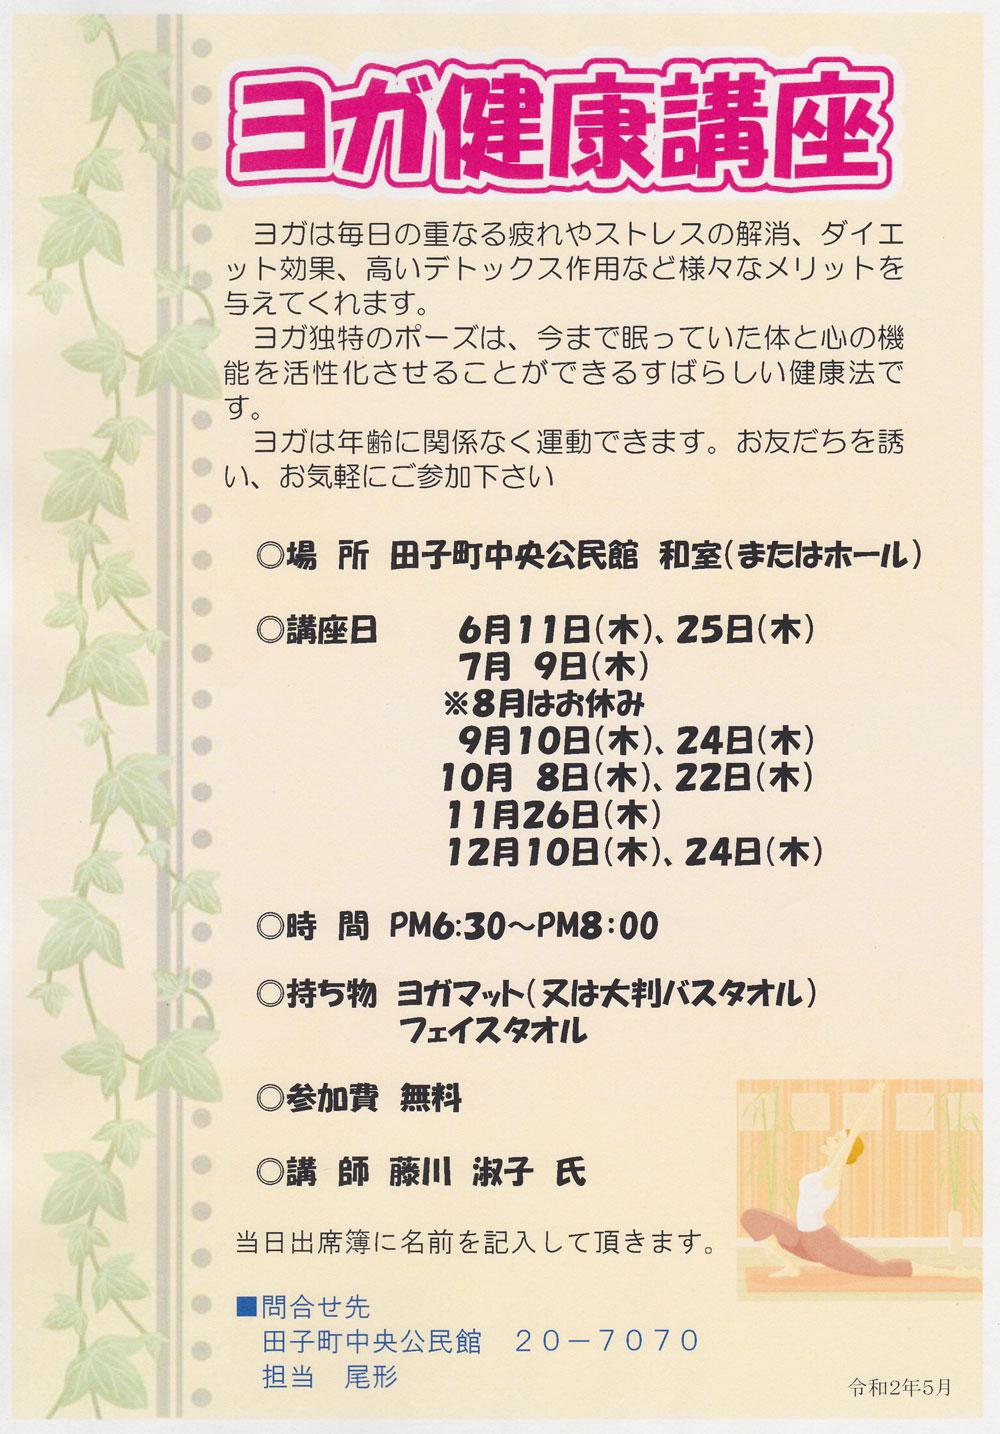 ヨガ健康講座 2020 チラシ 田子町